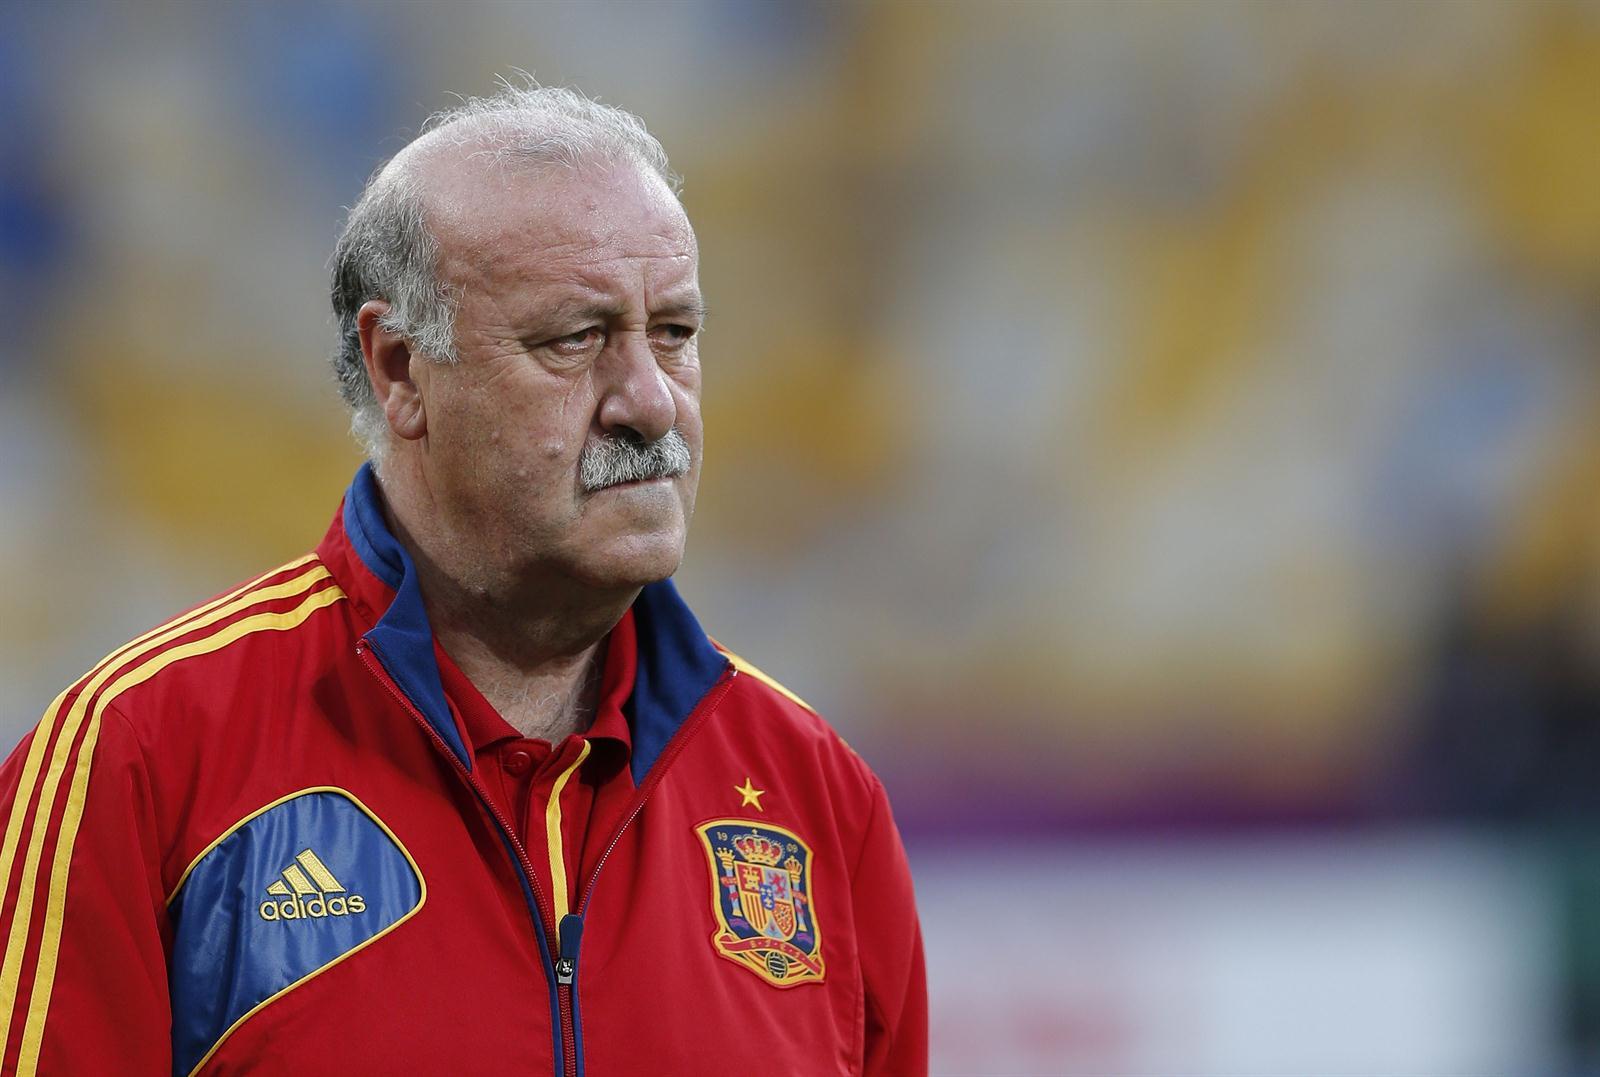 El Seleccionado Español Vicente Del Bosque Antes De La Final Con Italia